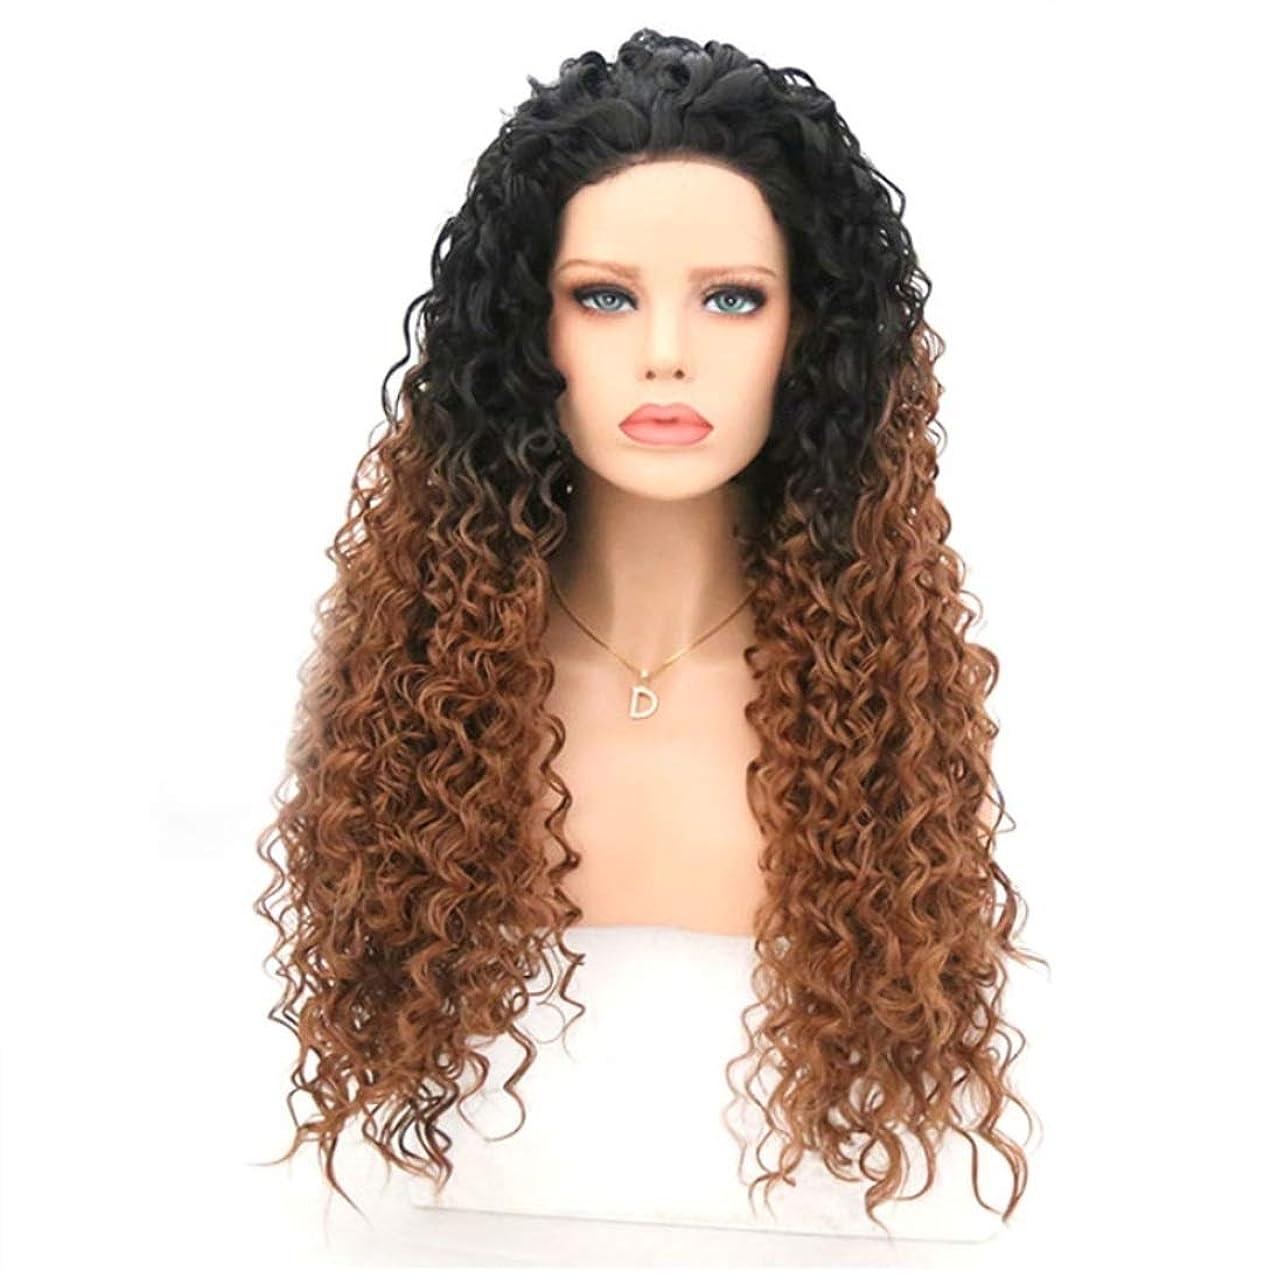 投獄卒業記念アルバム小屋Summerys 波状の巻き毛のかつら女性のための耐熱性巻き毛のかつら (Size : 16 inches)